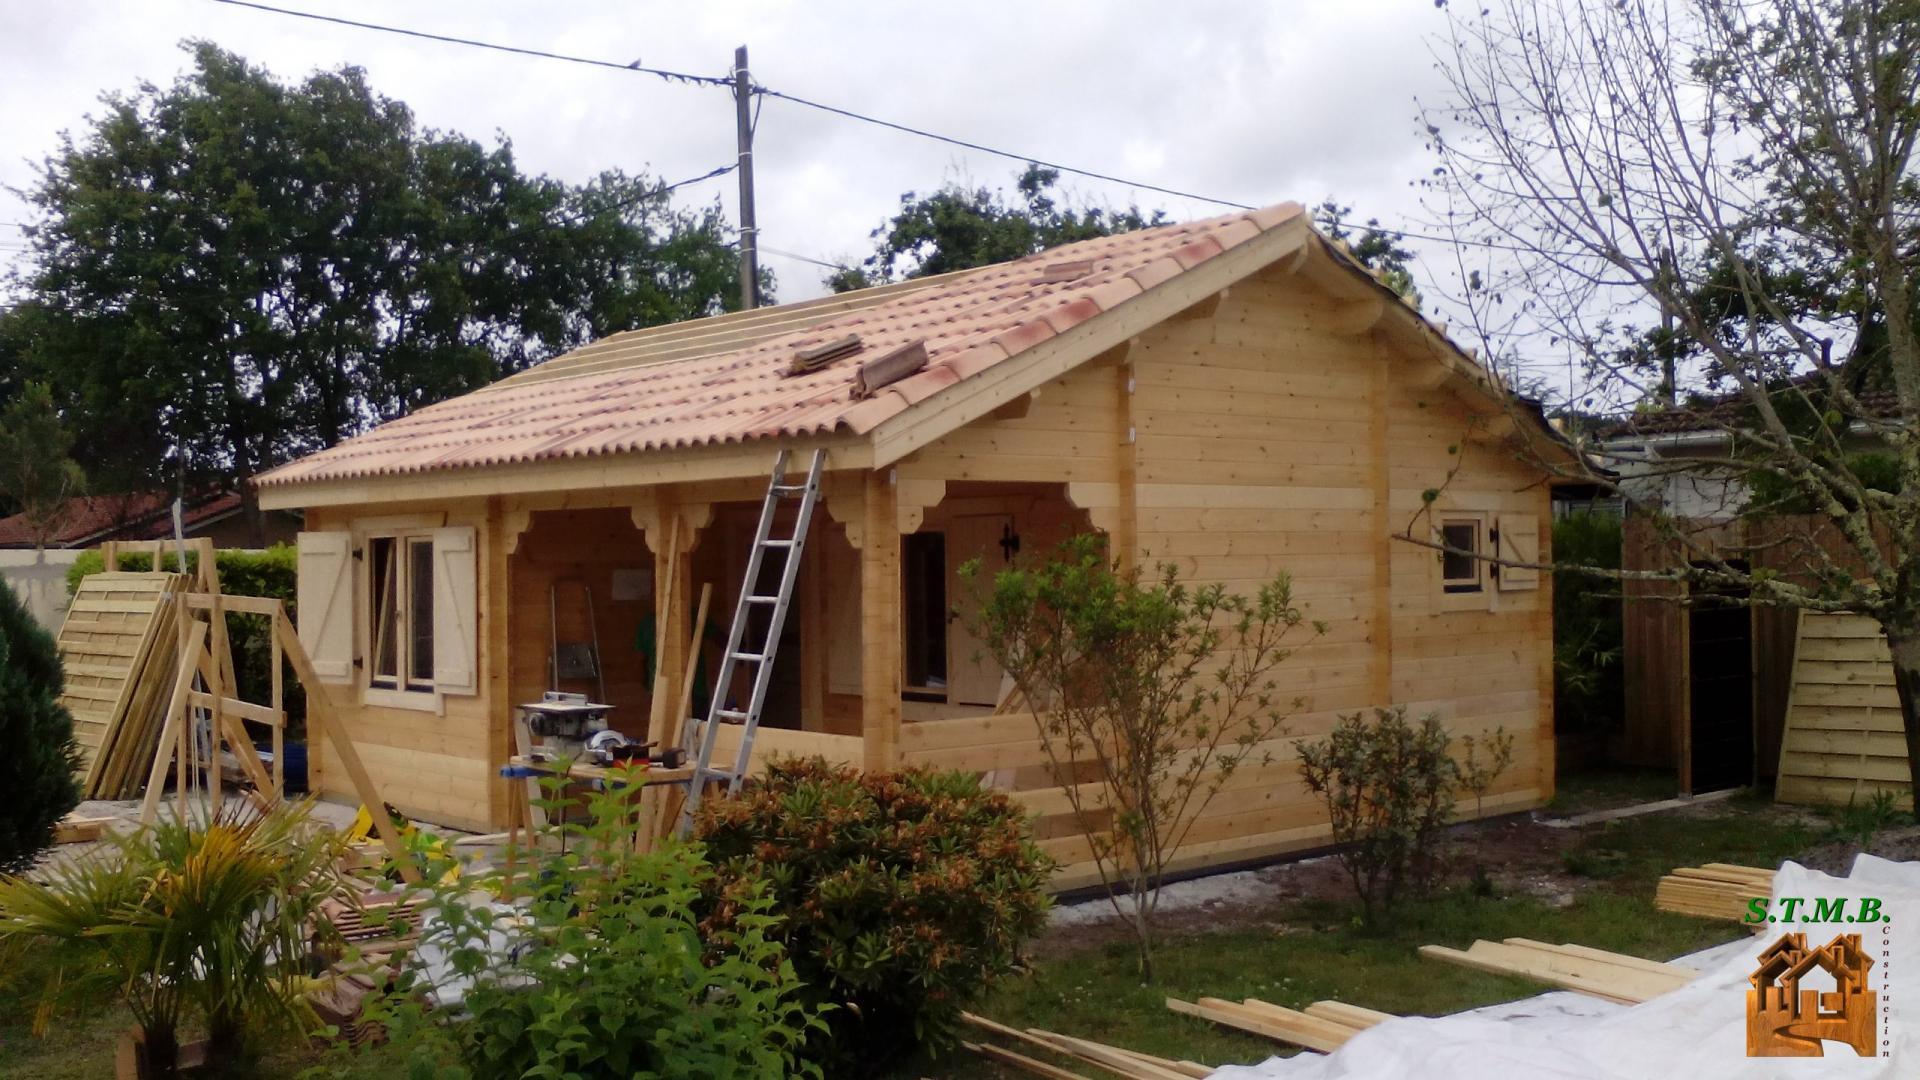 Construire Un Chalet En Bois Habitable - Construction Et ... pour Chalet En Bois Habitable 20M2